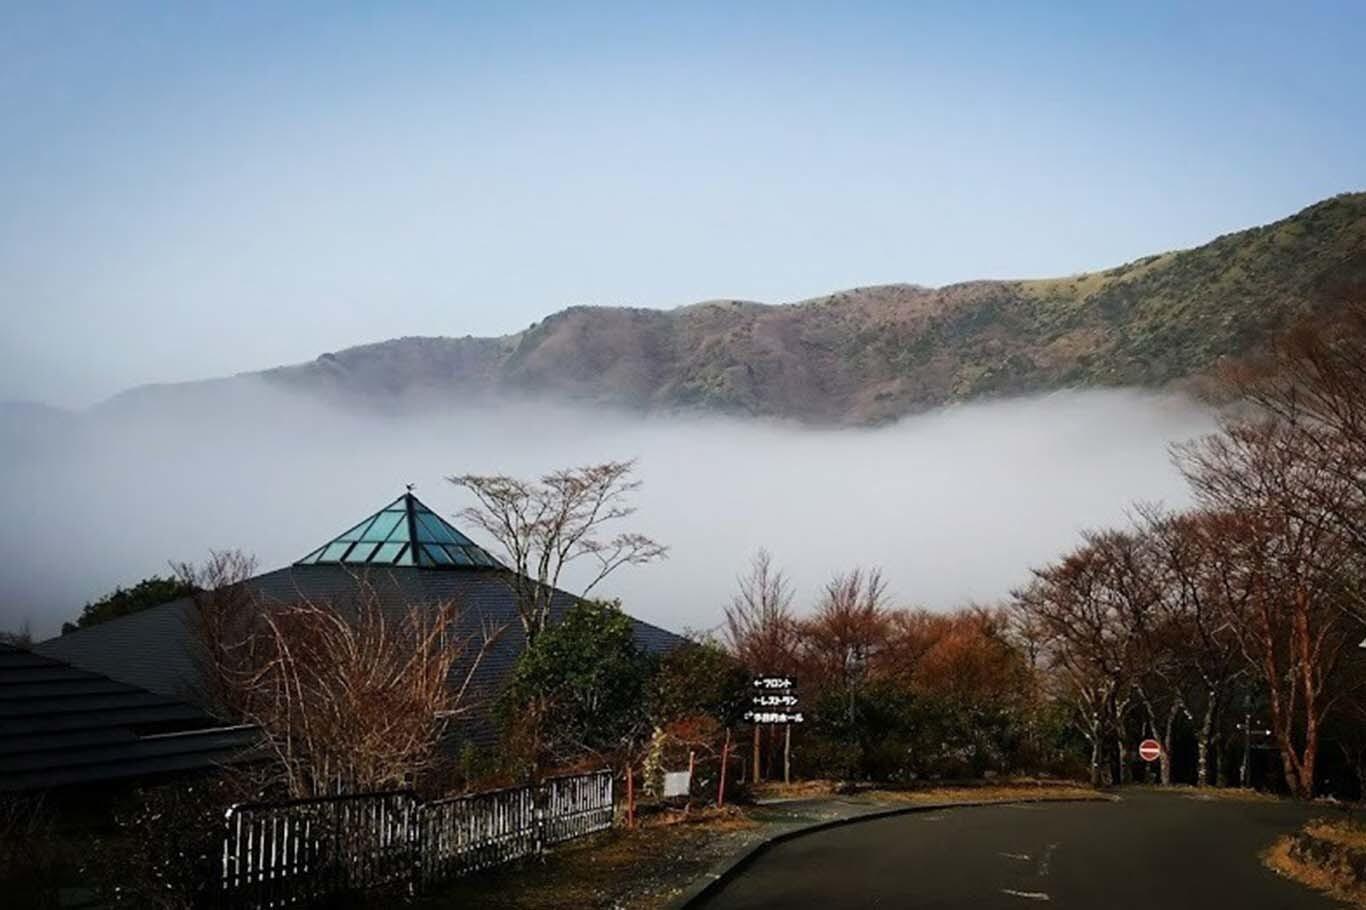 芦ノ湖キャンプ村 レイクサイドヴィラ の公式写真c16712